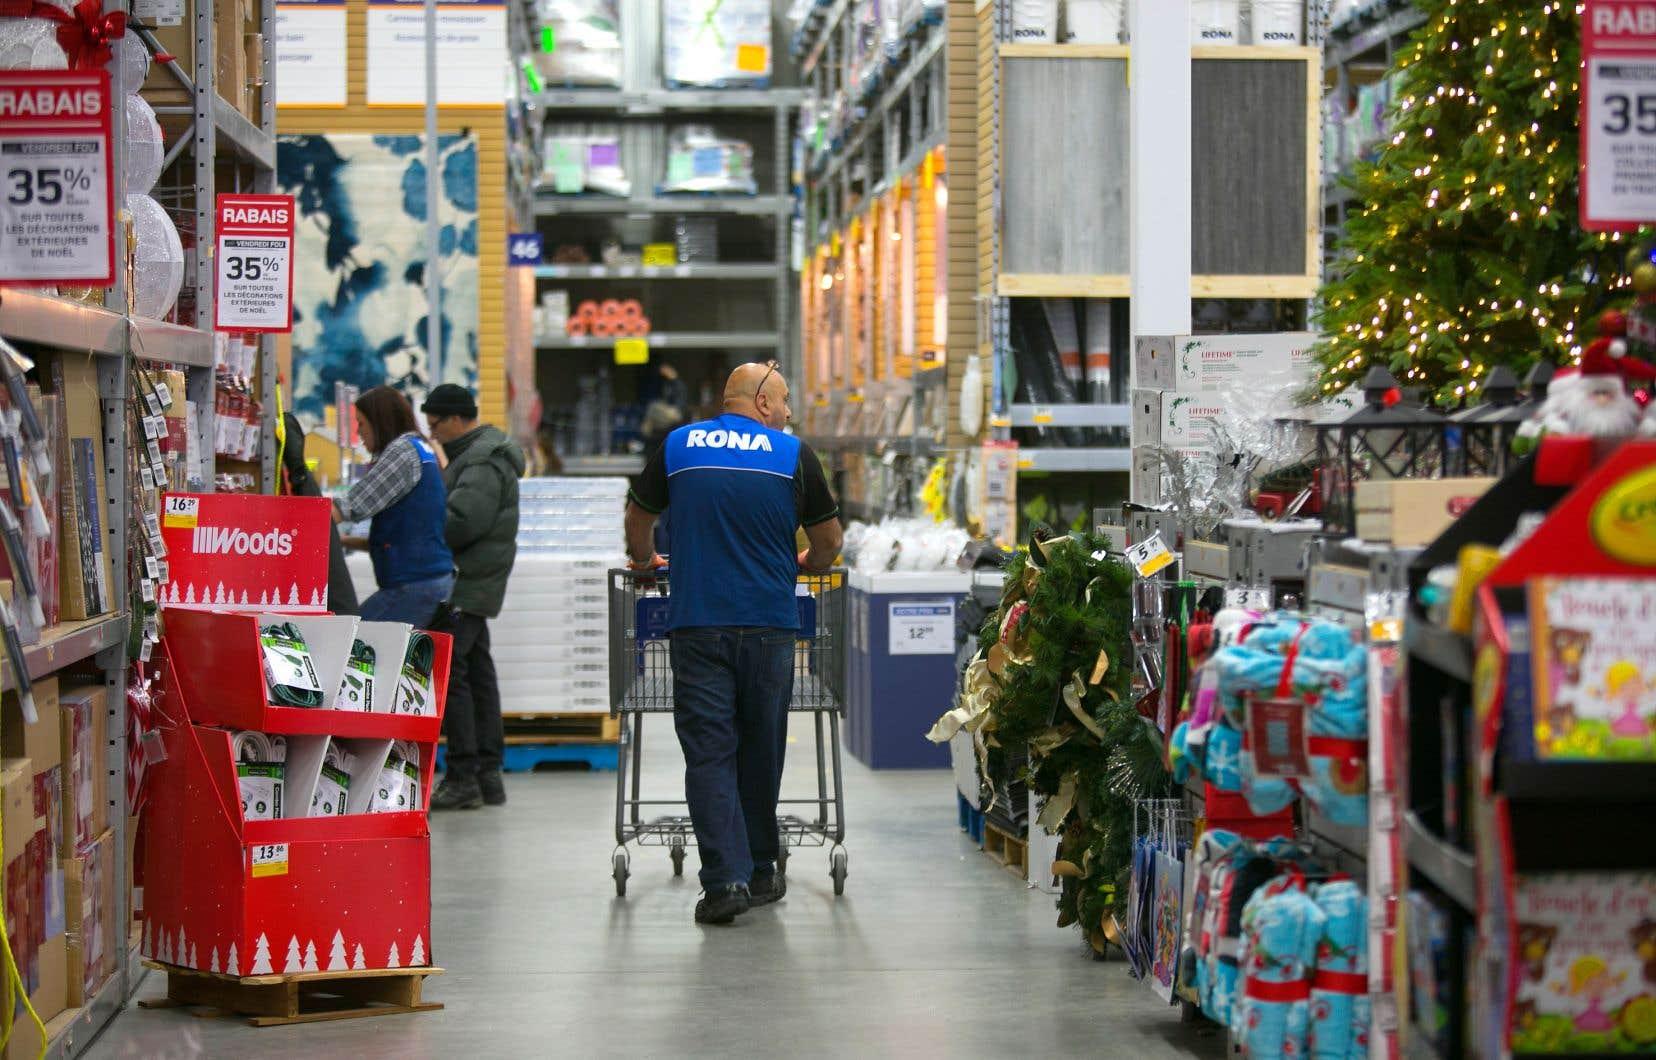 L'enseigne Rona compte des centaines de magasins qui lui appartiennent en propre, mais il y a également de nombreux marchands-propriétaires affiliés pour lesquels Rona est un fournisseur.